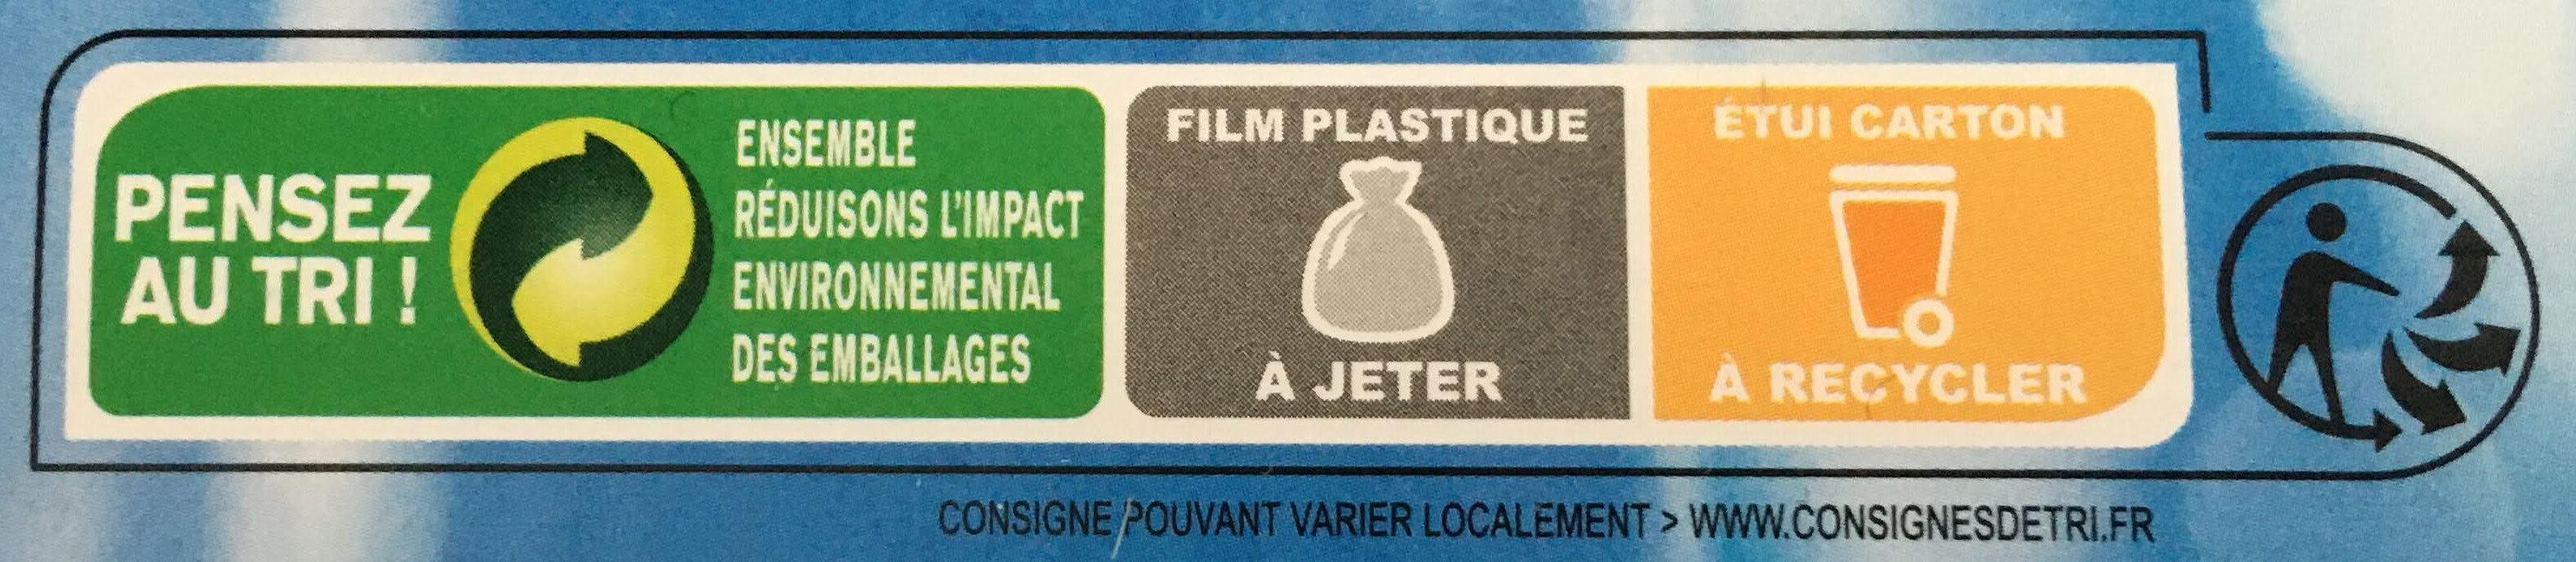 Cœurs de filets de merlu blancs du cap - Instruction de recyclage et/ou informations d'emballage - fr